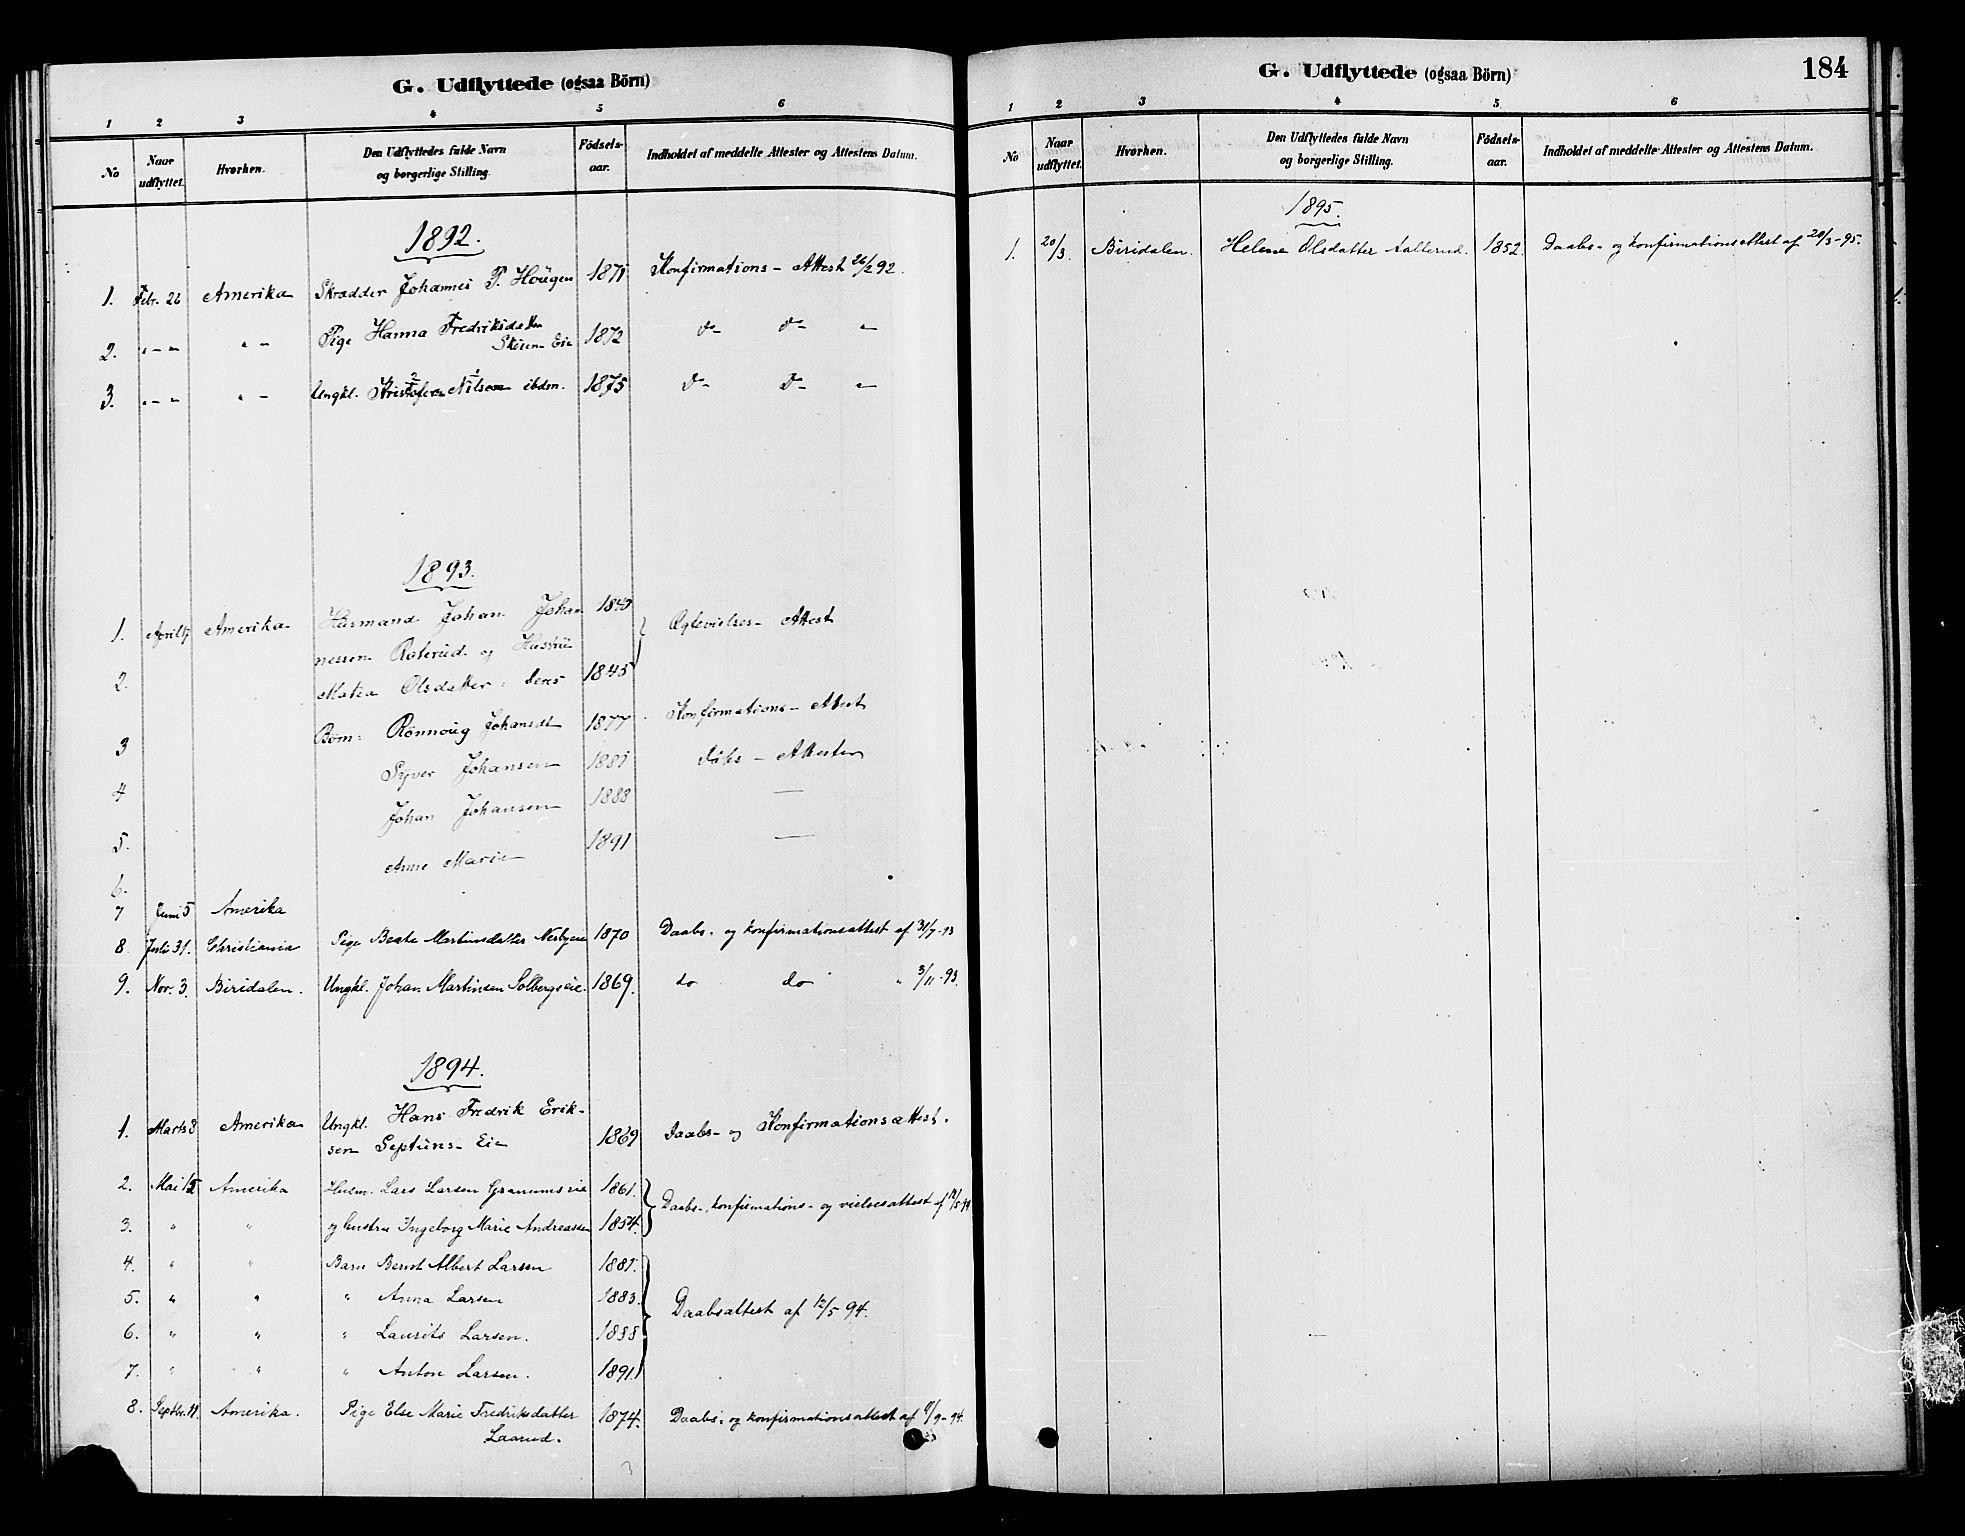 SAH, Søndre Land prestekontor, K/L0002: Ministerialbok nr. 2, 1878-1894, s. 184